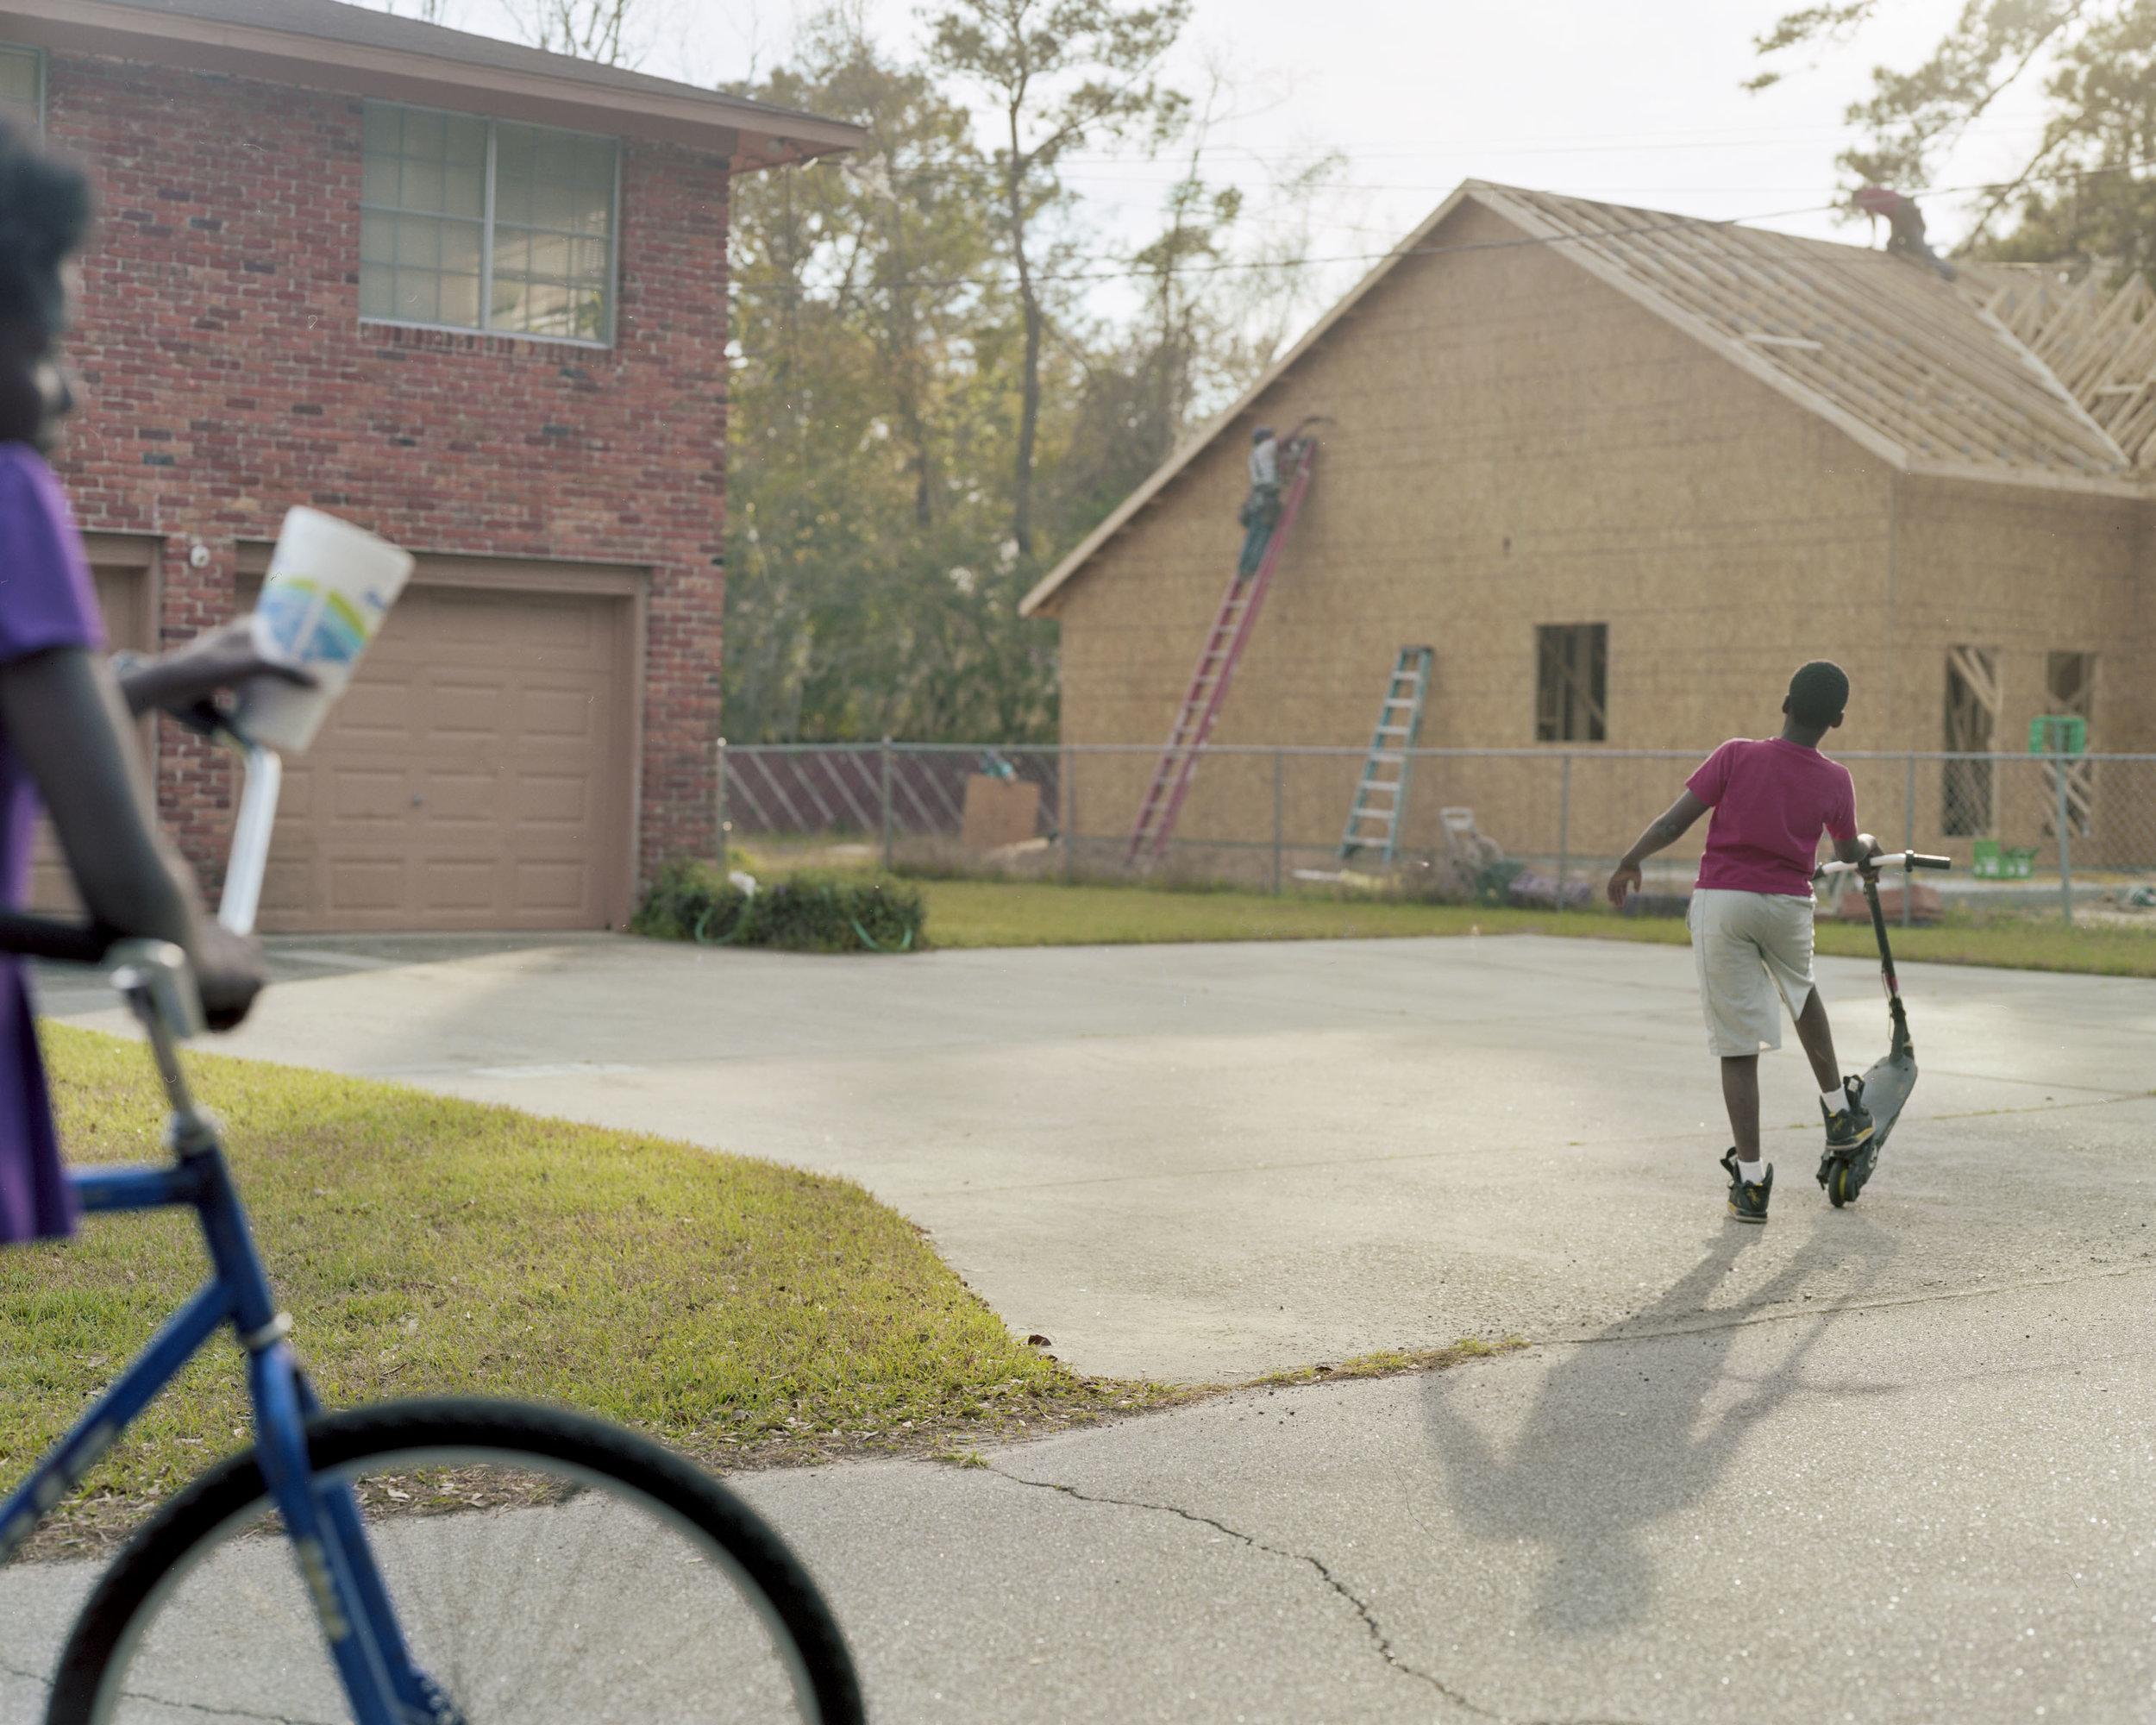 Kids_bike001.jpg